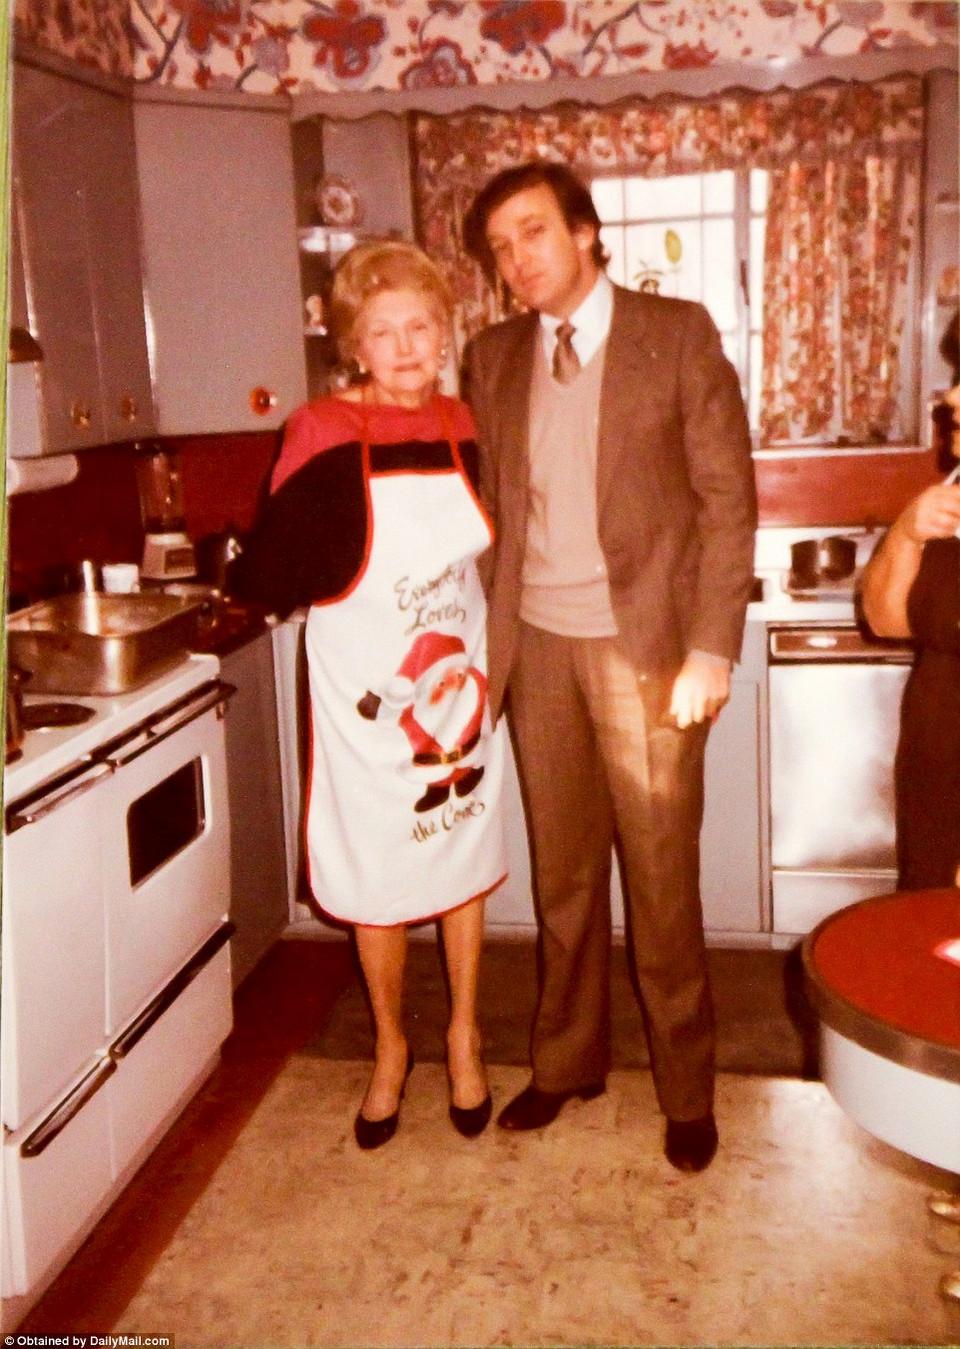 Семейные фотографии Дональда Трампа, найденные в комиссионном магазине 18